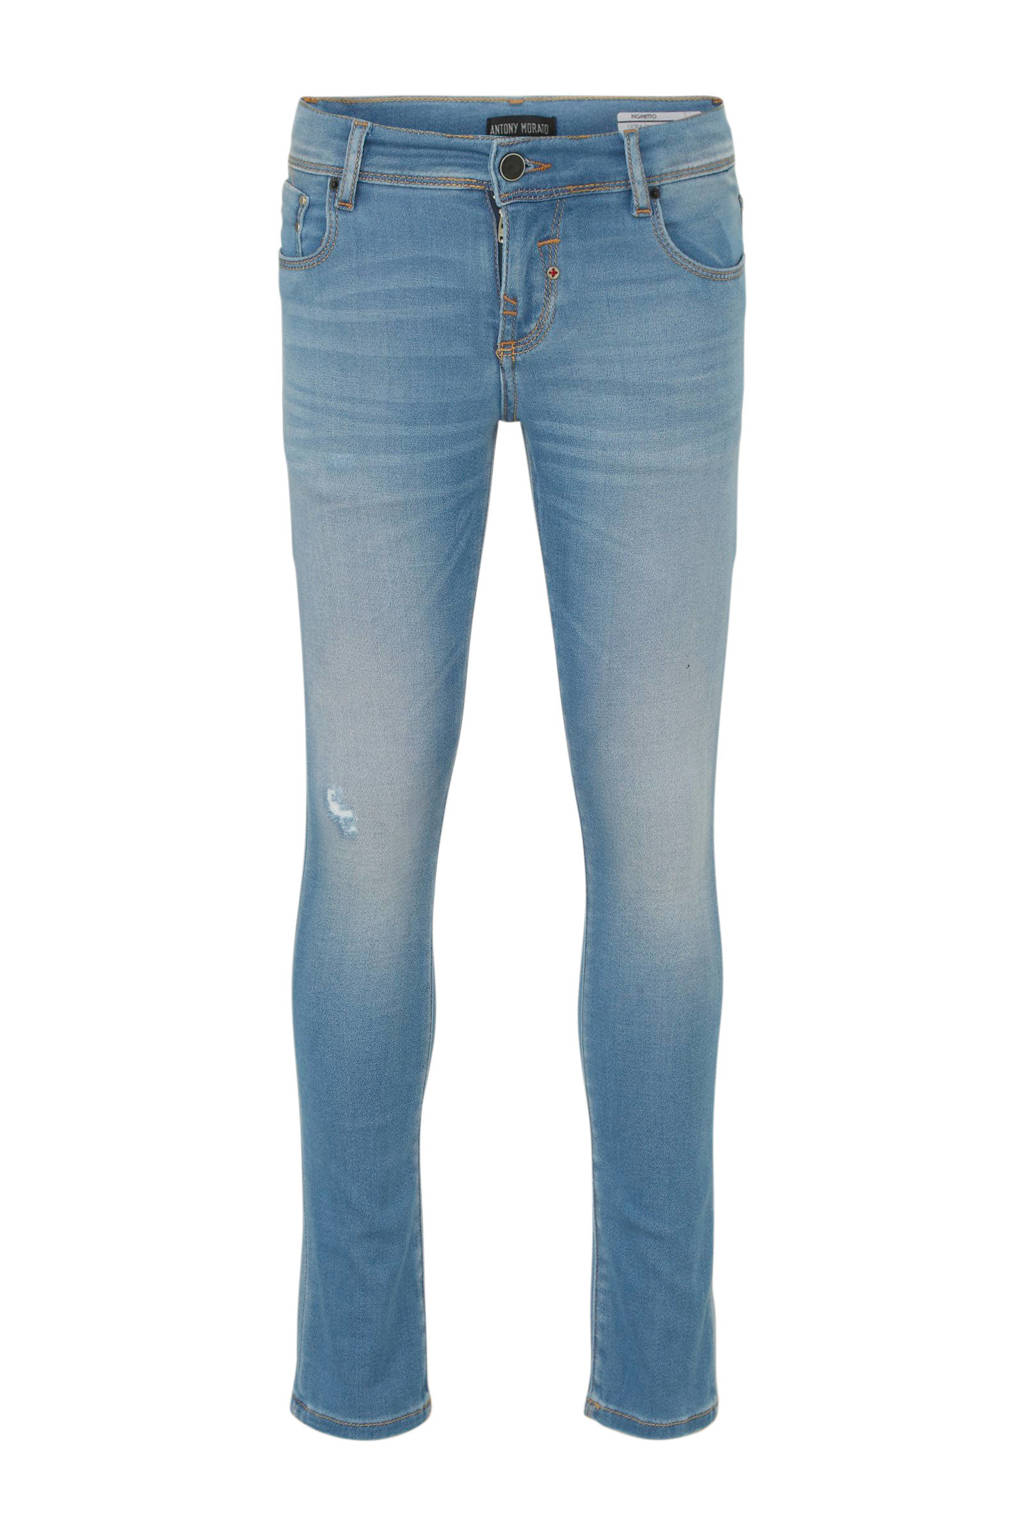 Antony Morato skinny jeans met slijtage light denim stonewashed, Light denim stonewashed